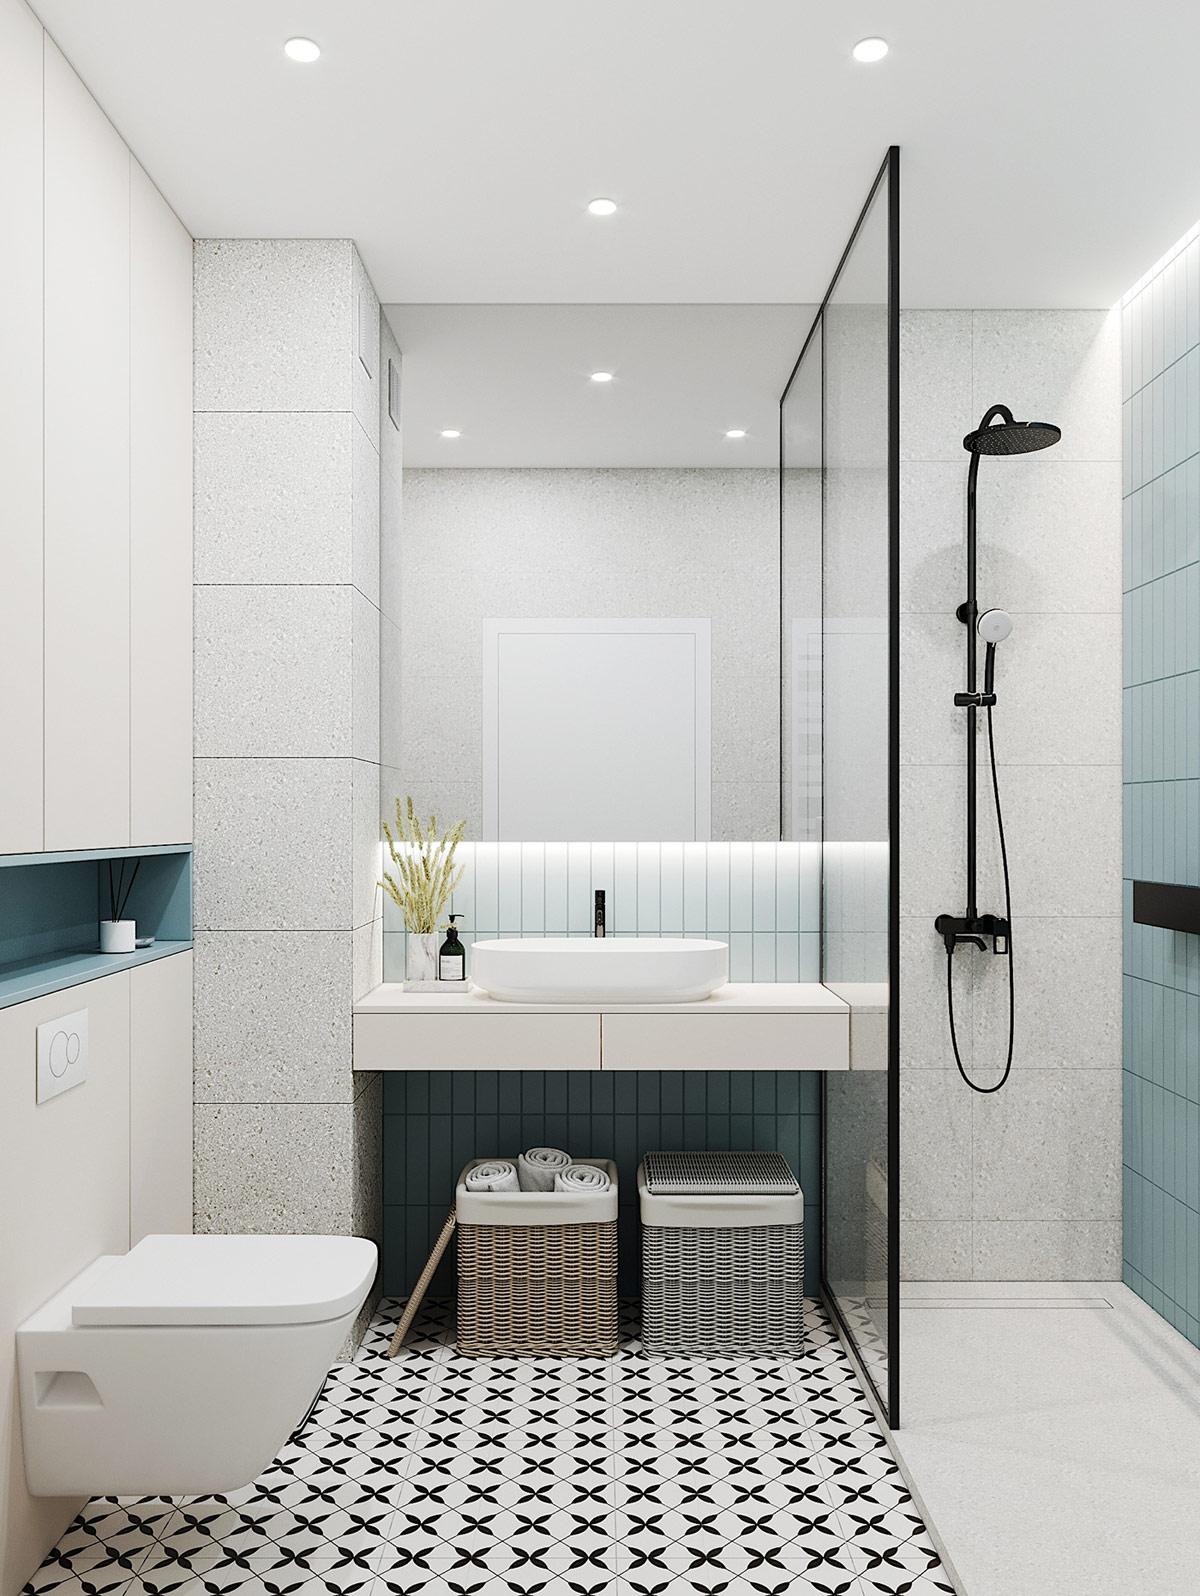 Giỏ đựng quần áo bằng mây hình vuông tận dụng không gian trống bên dưới bàn trang điểm nổi trong phòng tắm.